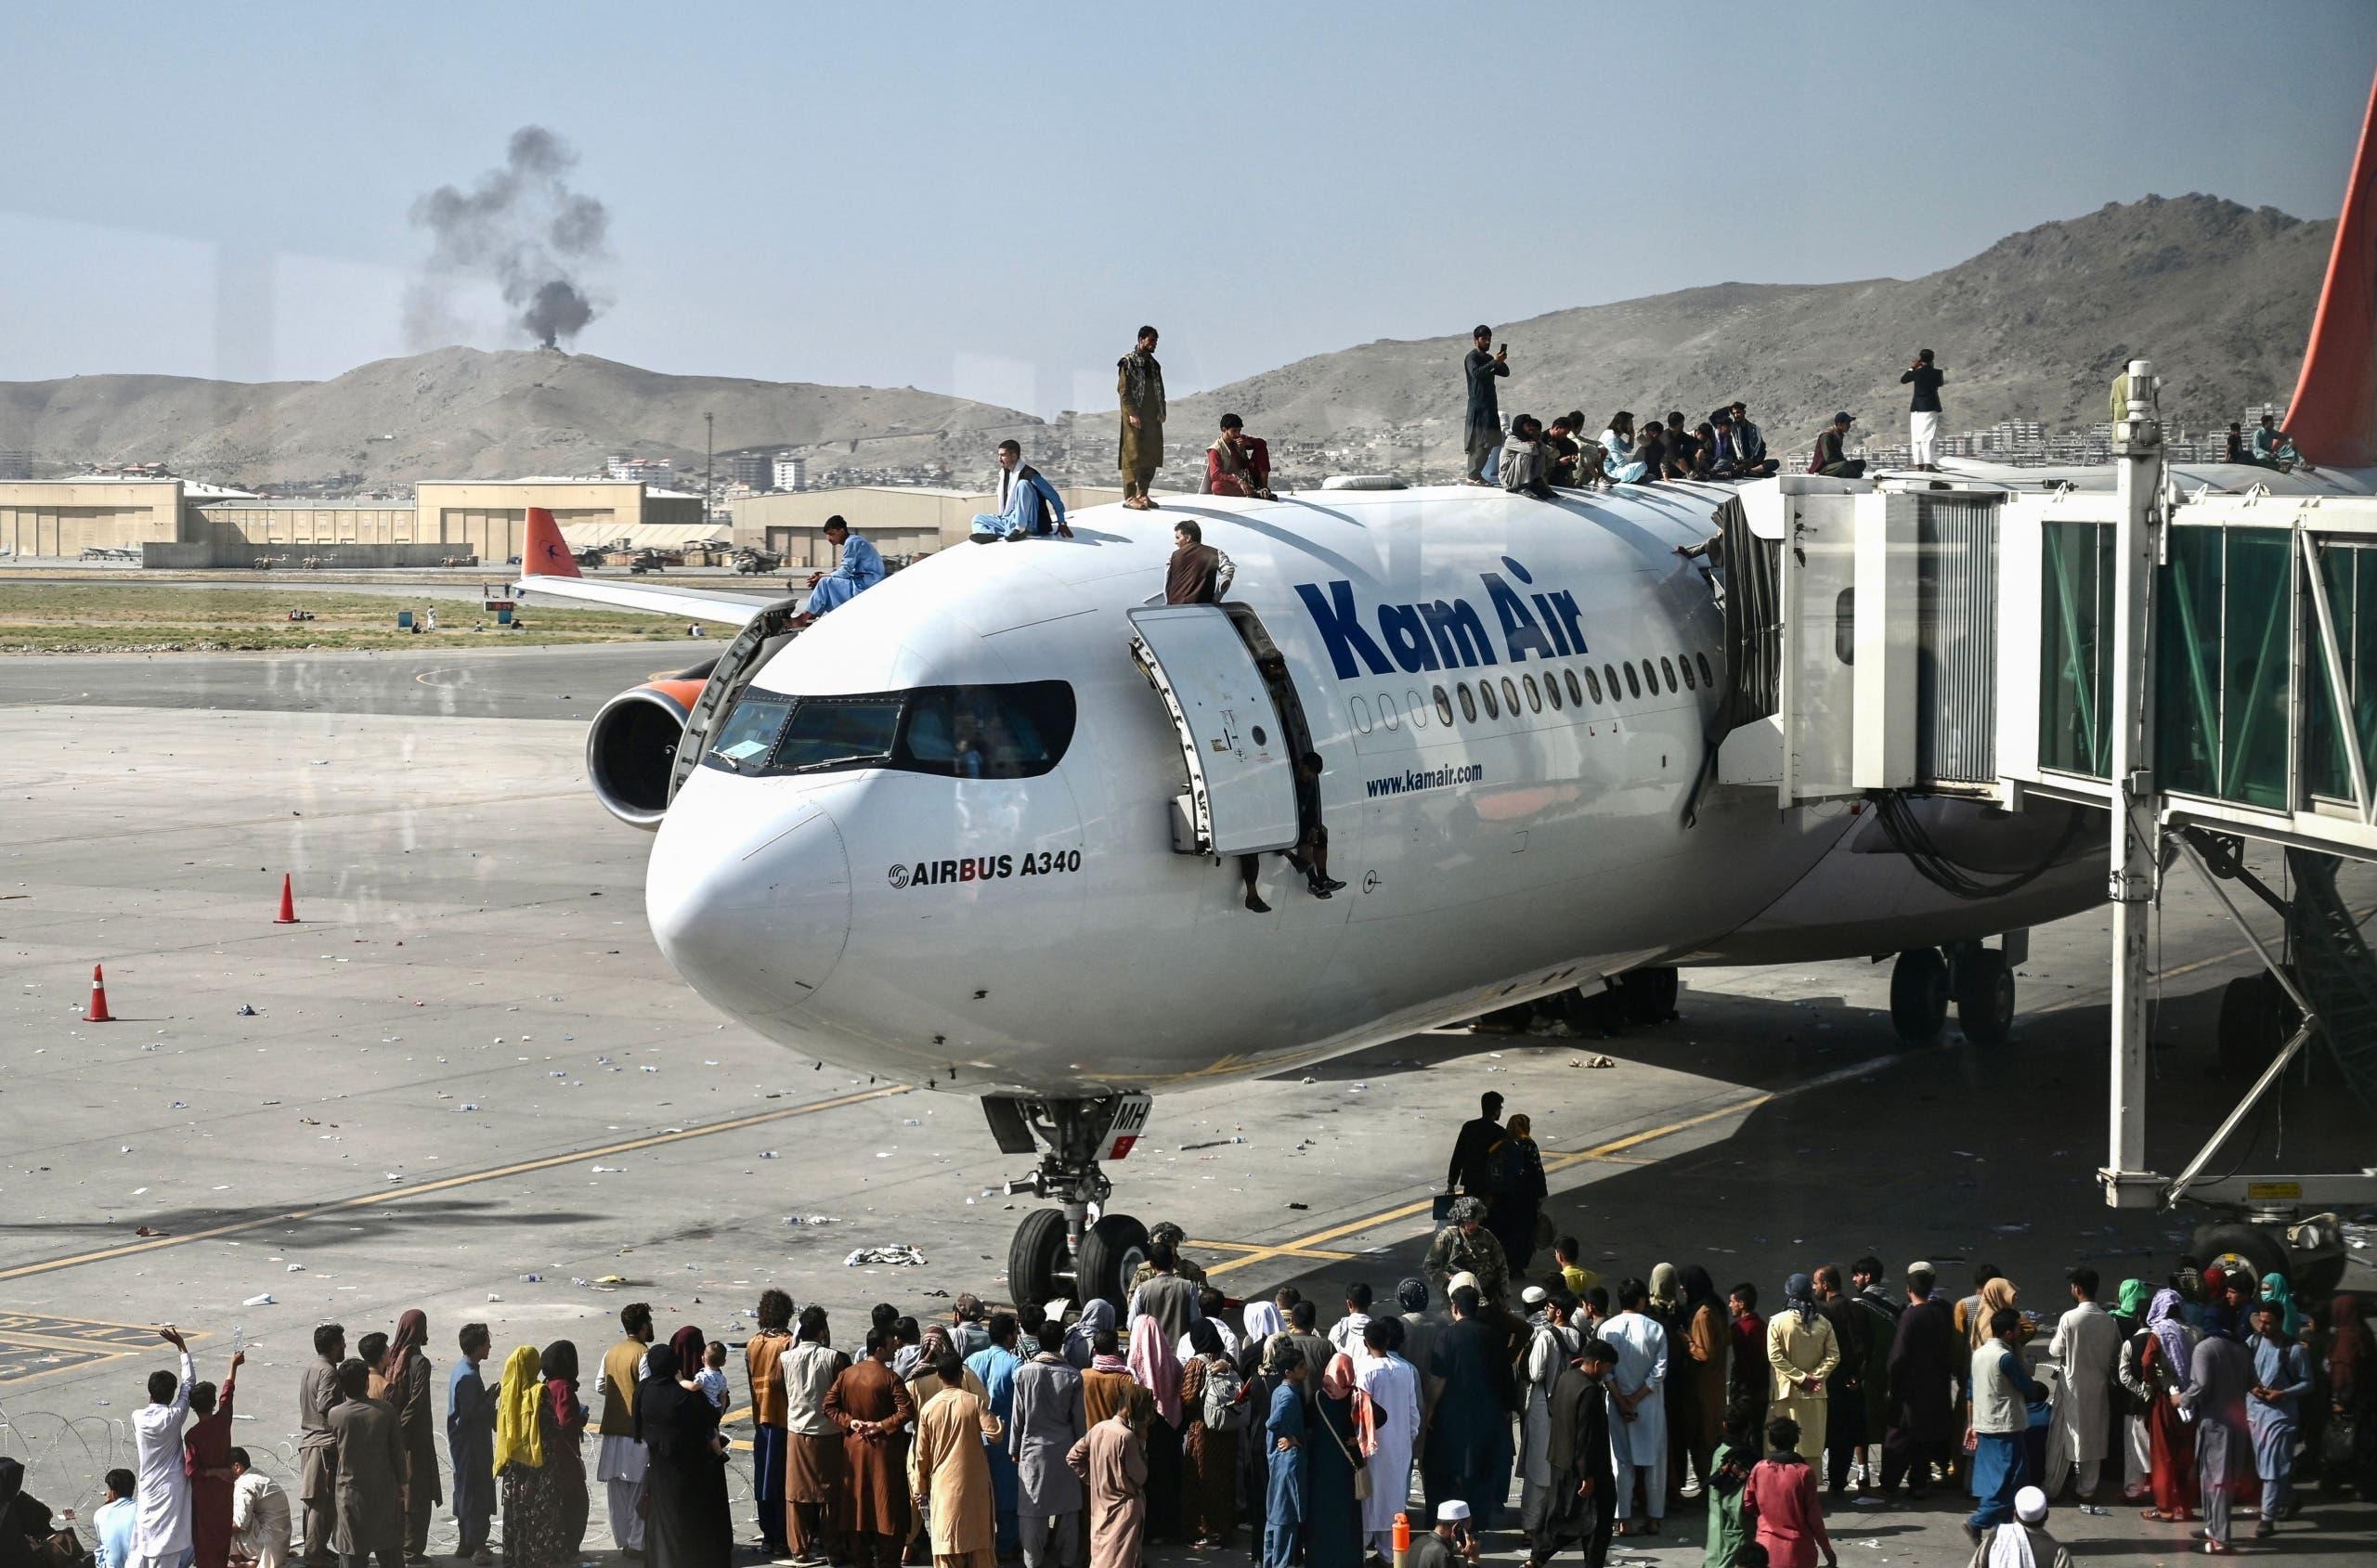 Operations Resume at Kabul Airport